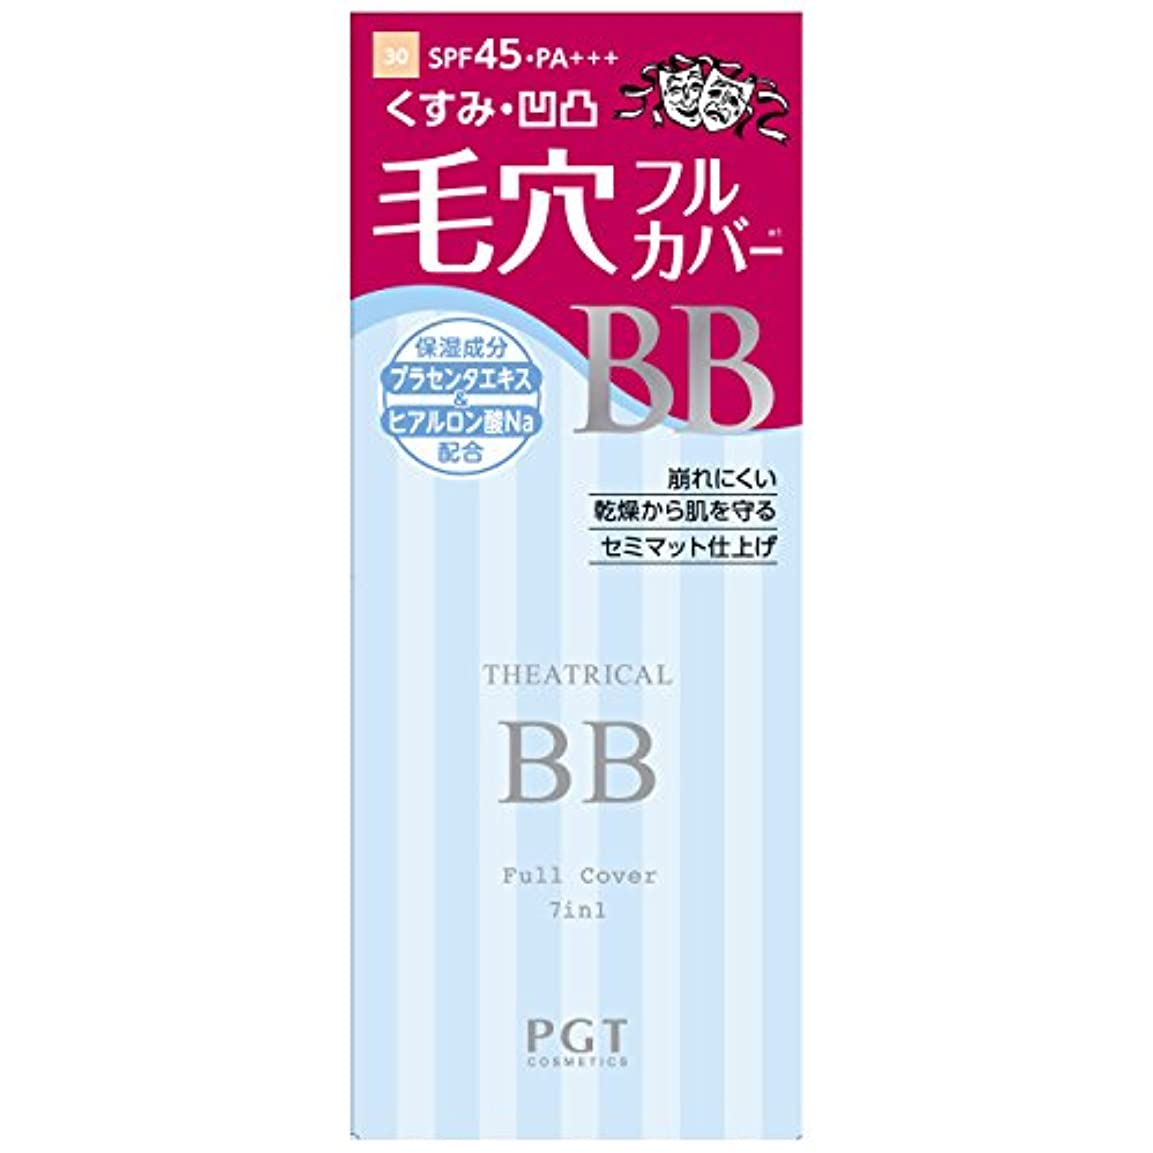 不正直食用コンサルタントパルガントン シアトリカルBBクリーム#30 ナチュラルオークル  25g SPF45/PA+++